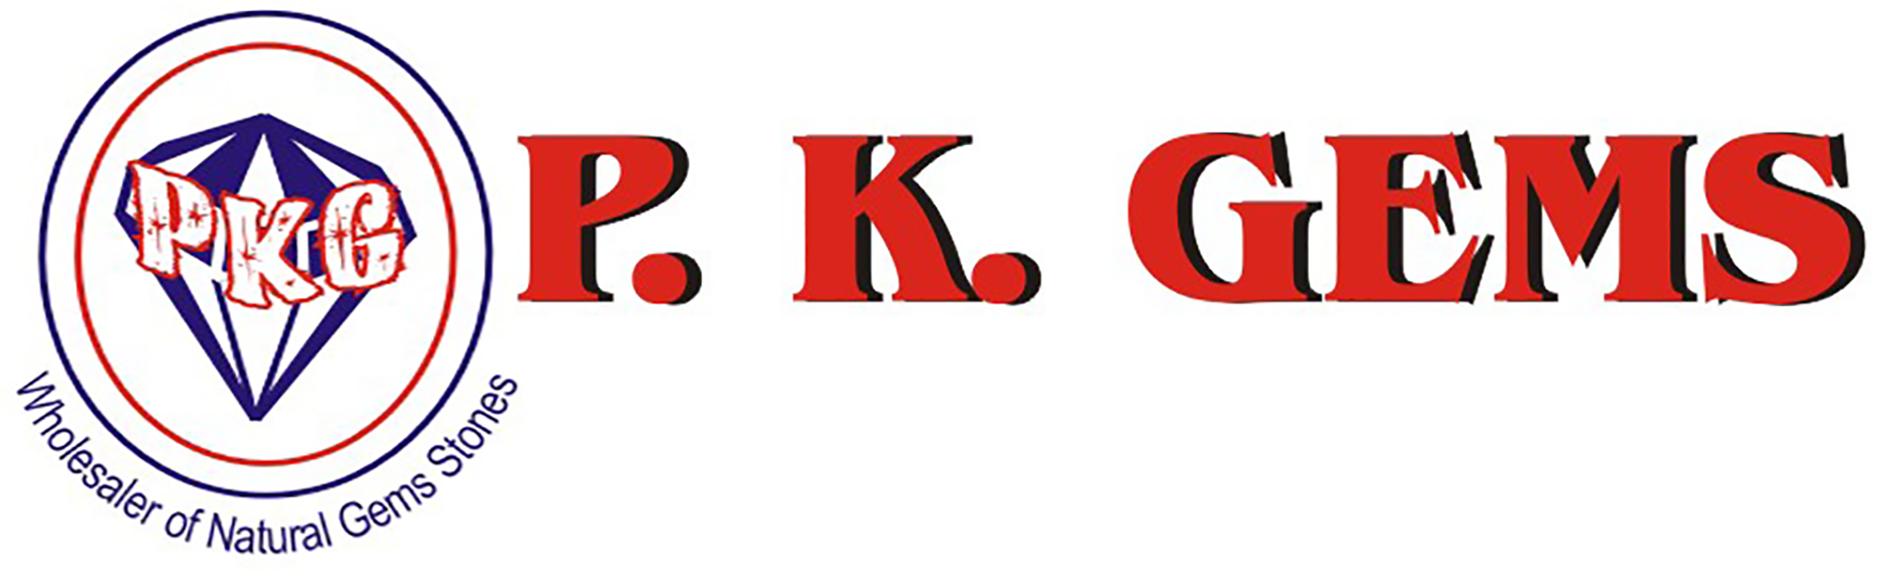 P.K. GEMS